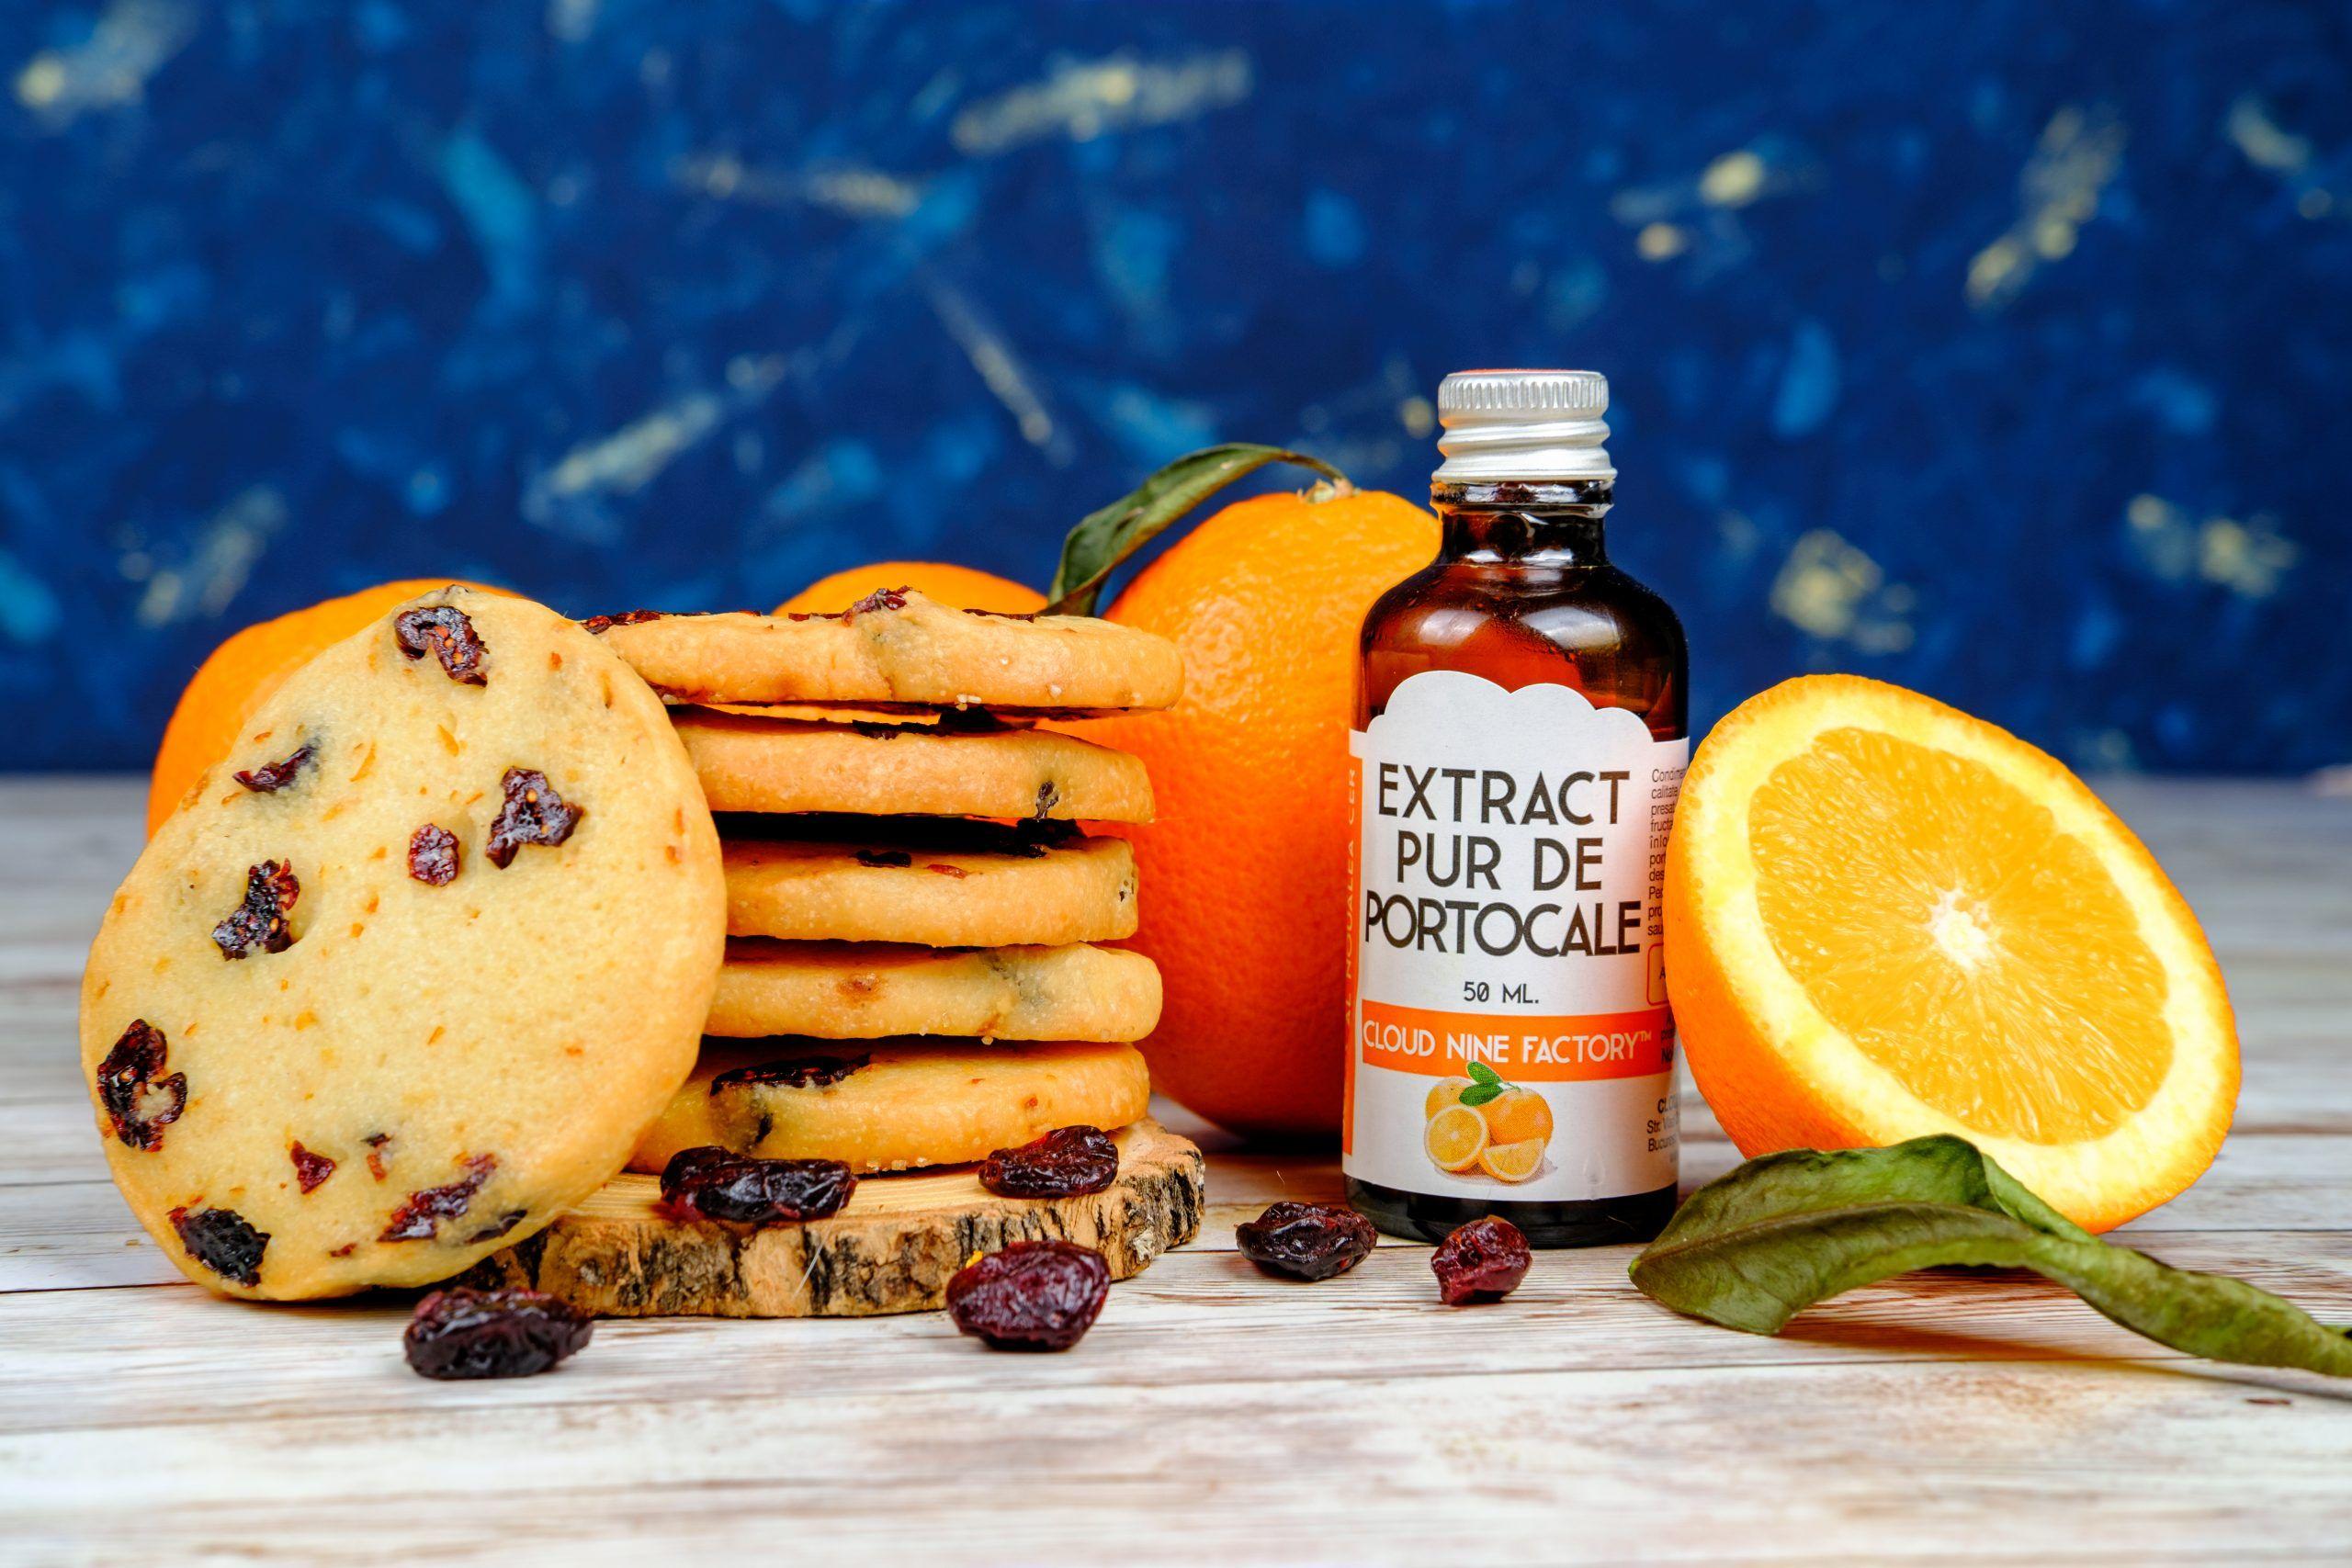 Prăjiturele cu merișoare și portocale  - DSF5562 LR scaled - Prăjiturele cu merișoare și portocale